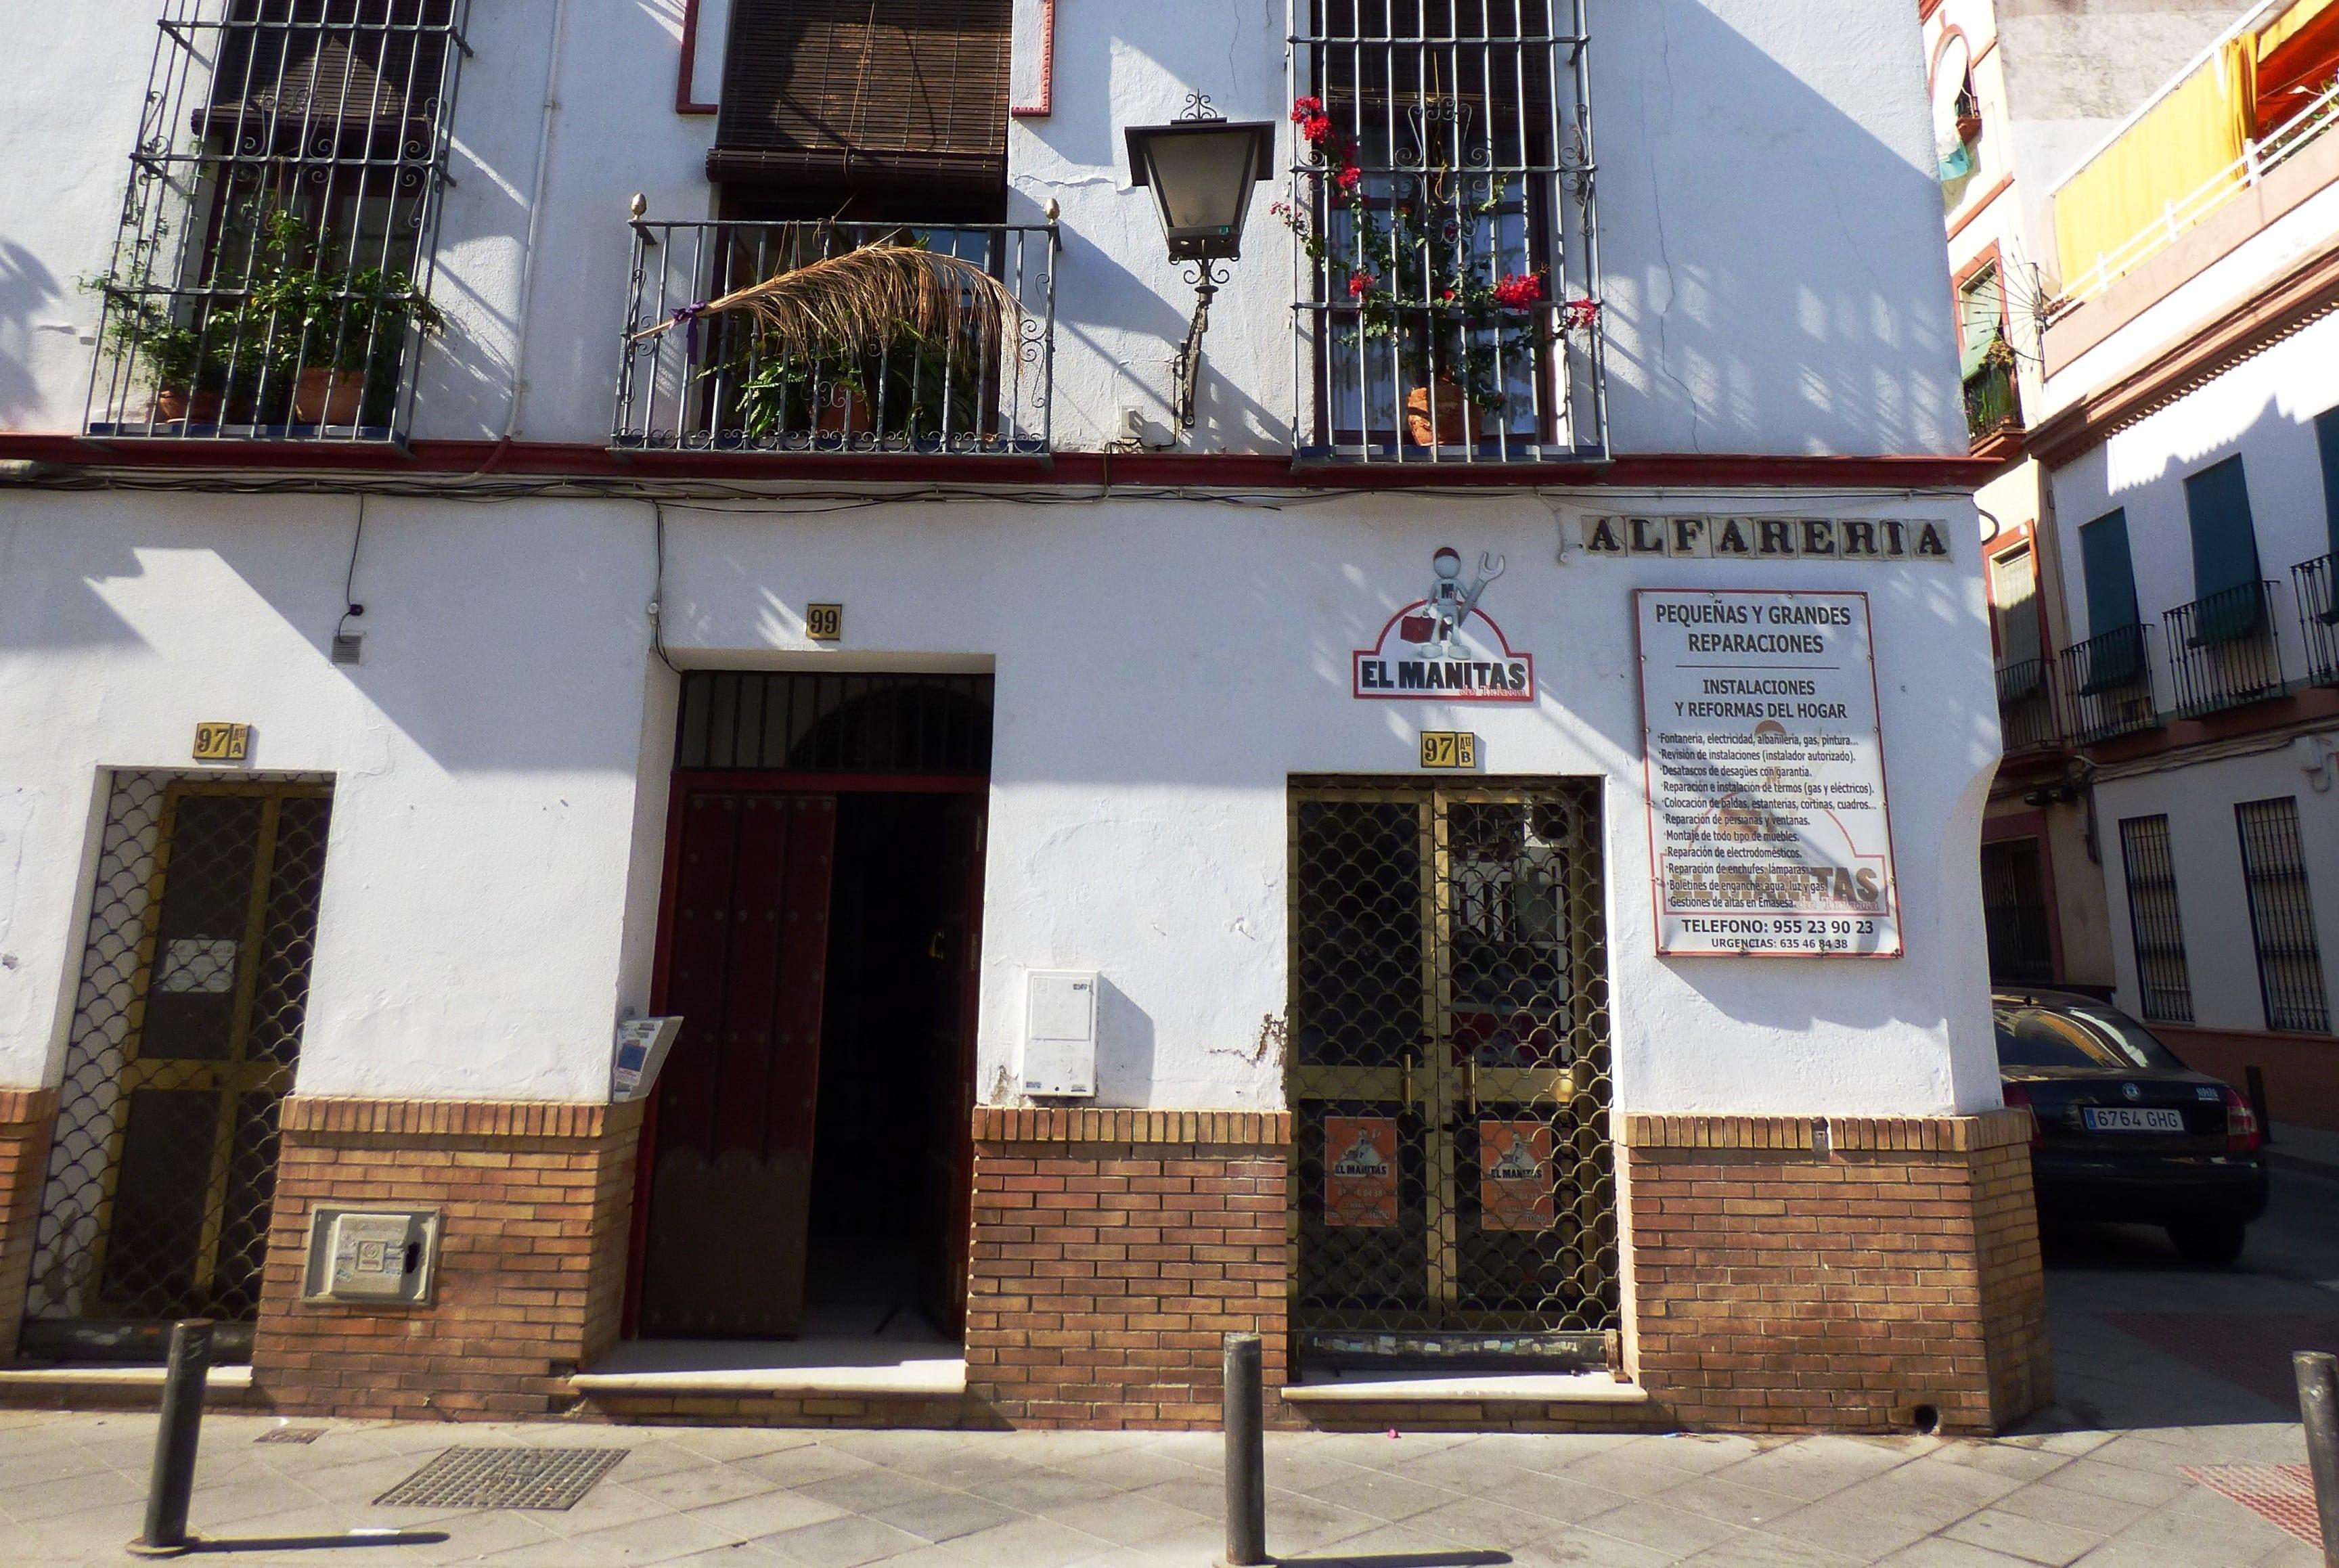 Alfarería